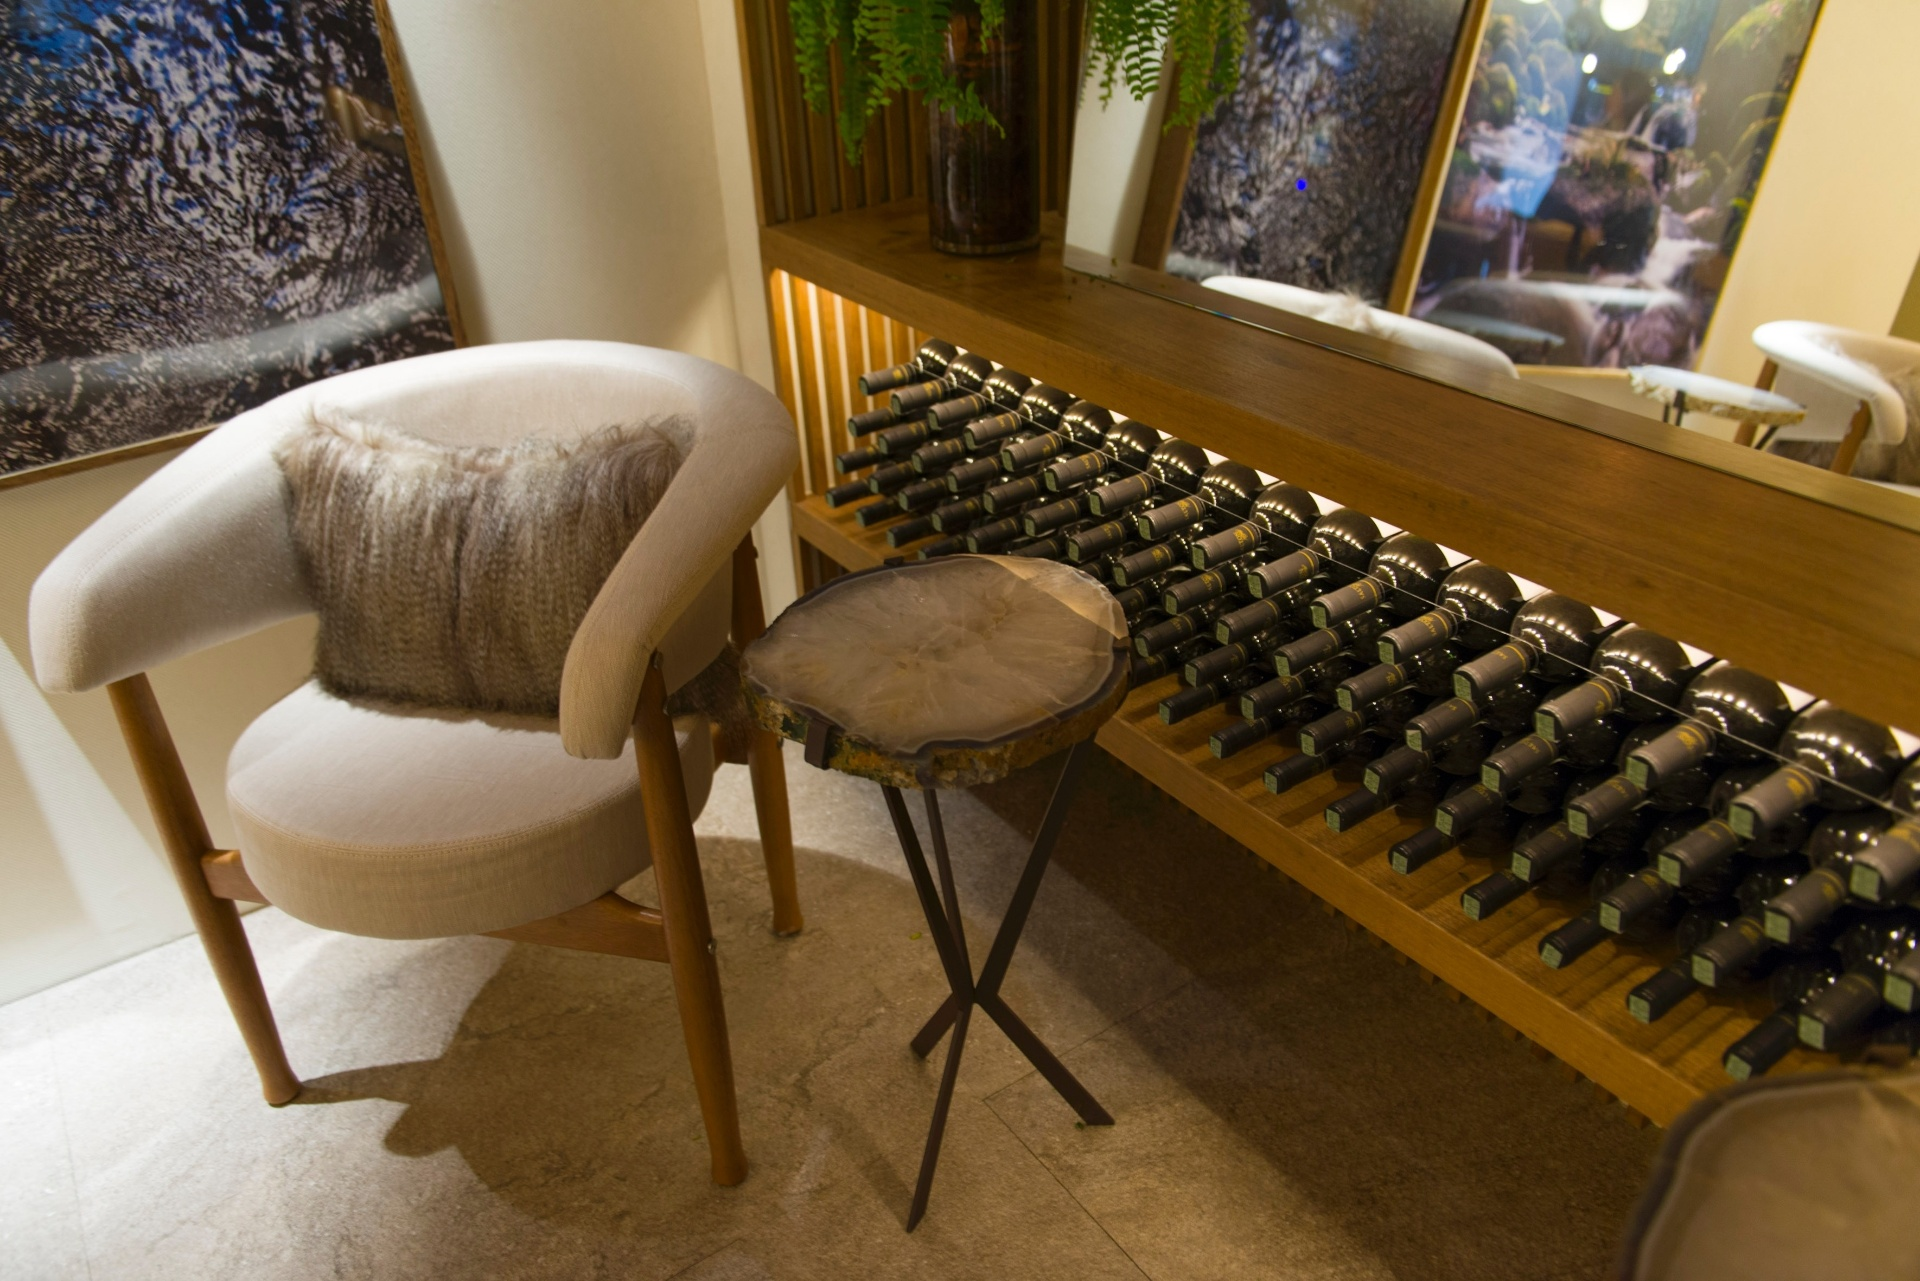 Garrafas de vinhos incorporadas à decoração - Para quem adora um bom vinho, na Adega Gourmet, o arquiteto Bruno Gap traz ideias para agregar as garrafas da bebida à ambientação